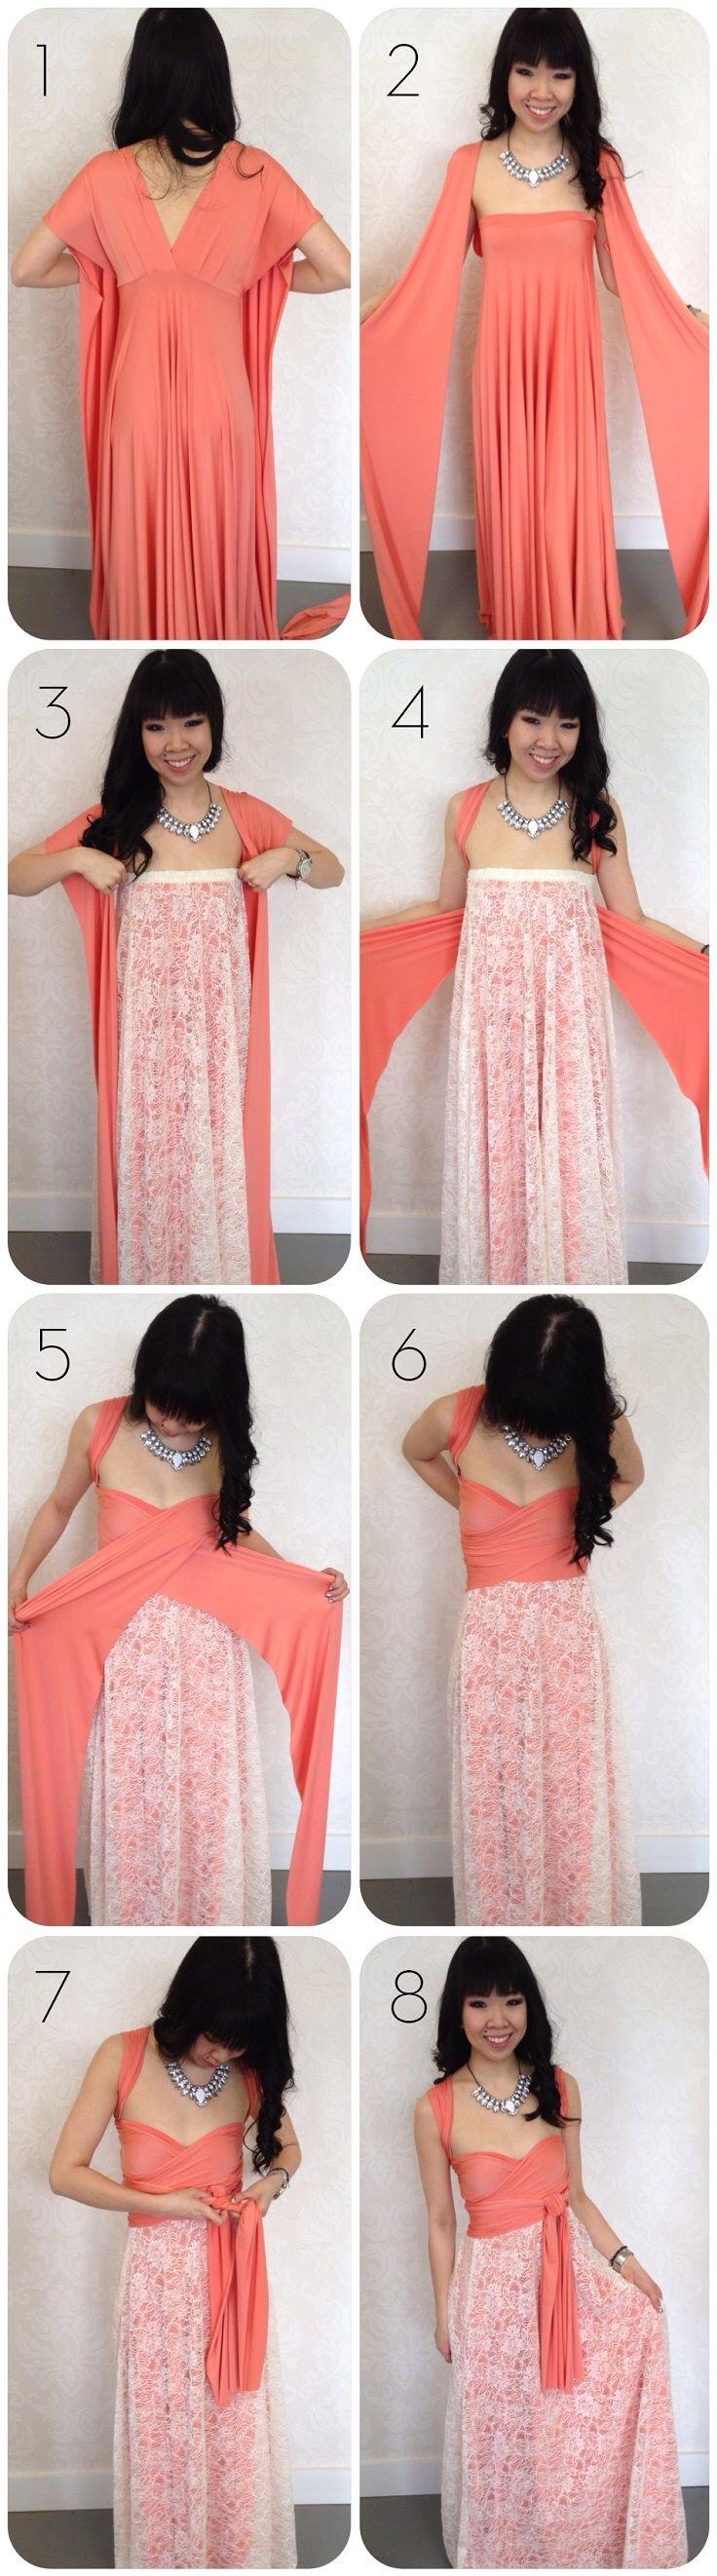 DIY CLOTHING | COSTURA /PATRONES | Pinterest | Costura, Ropa y ...